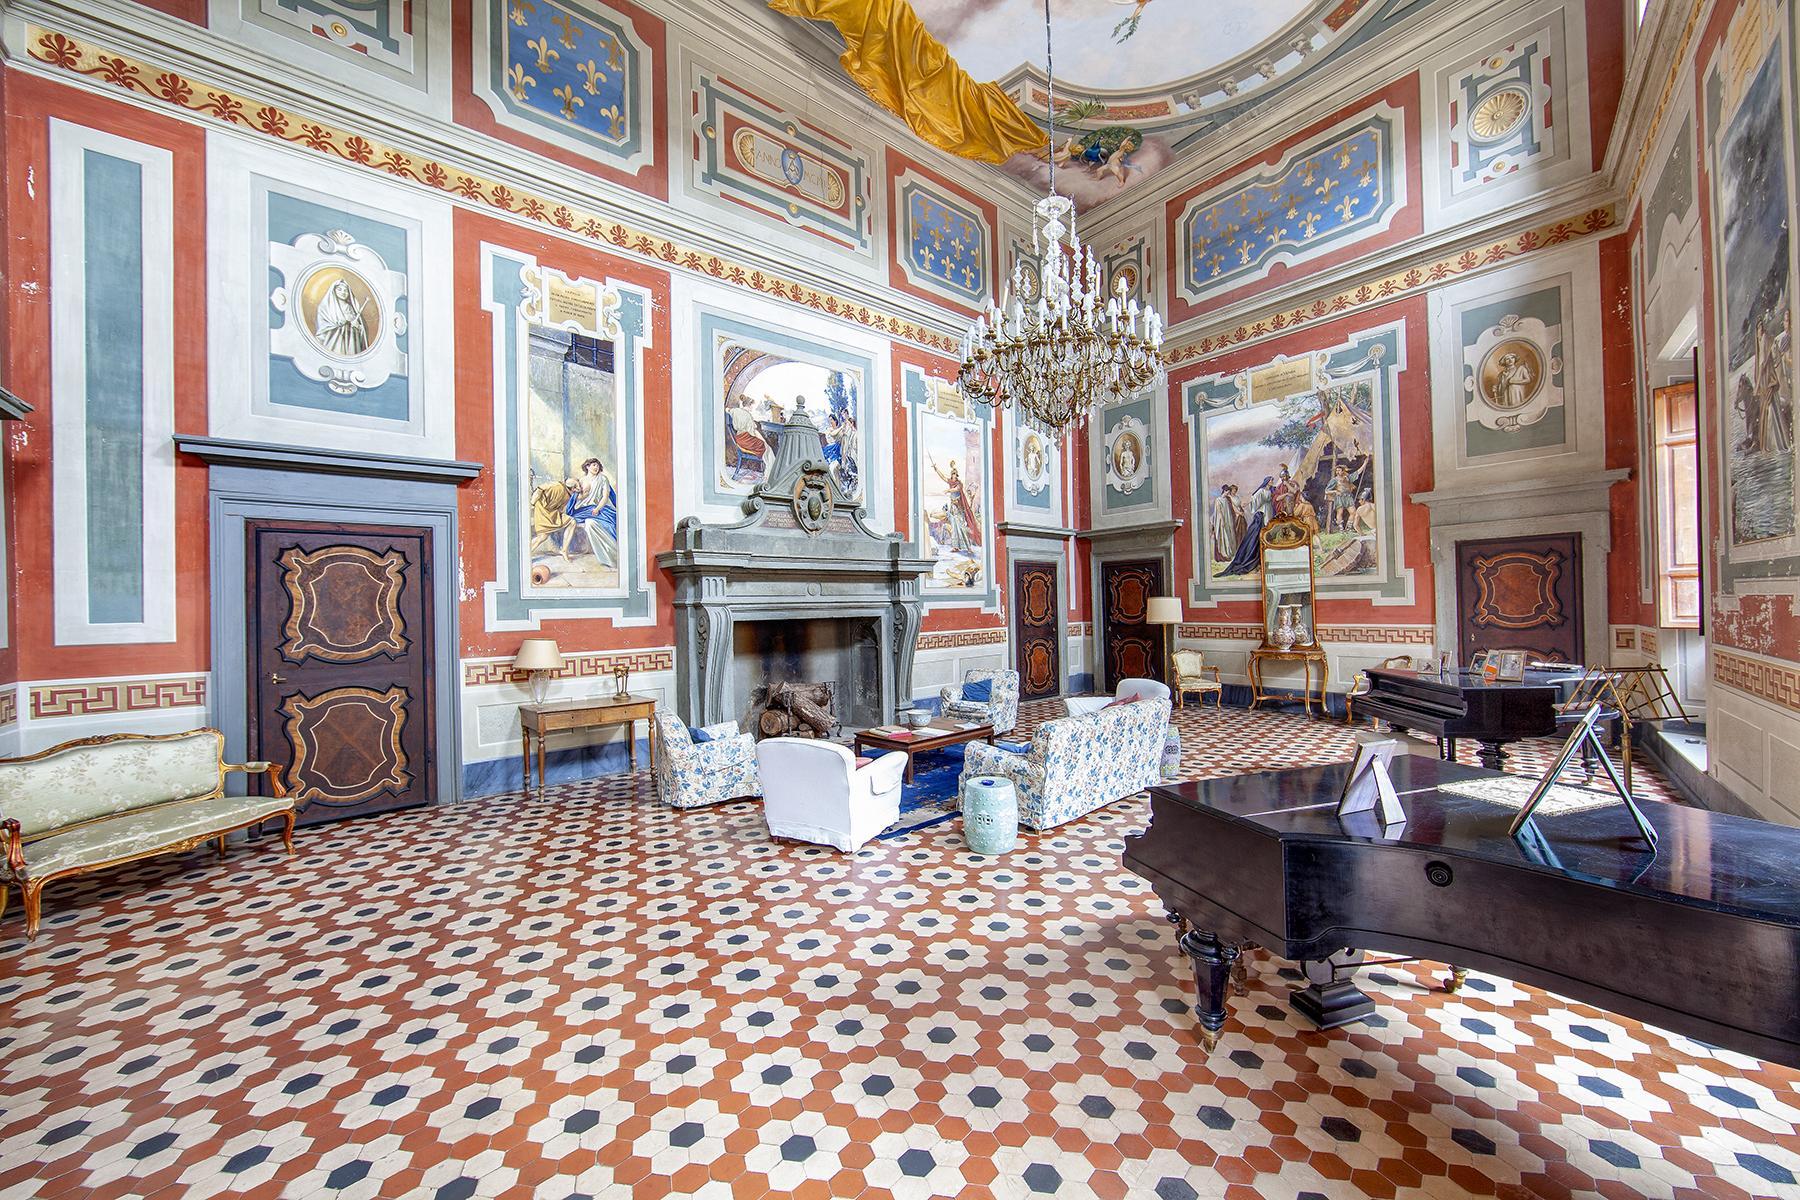 Прекрасный дворец в стиле Ренессанса - 1